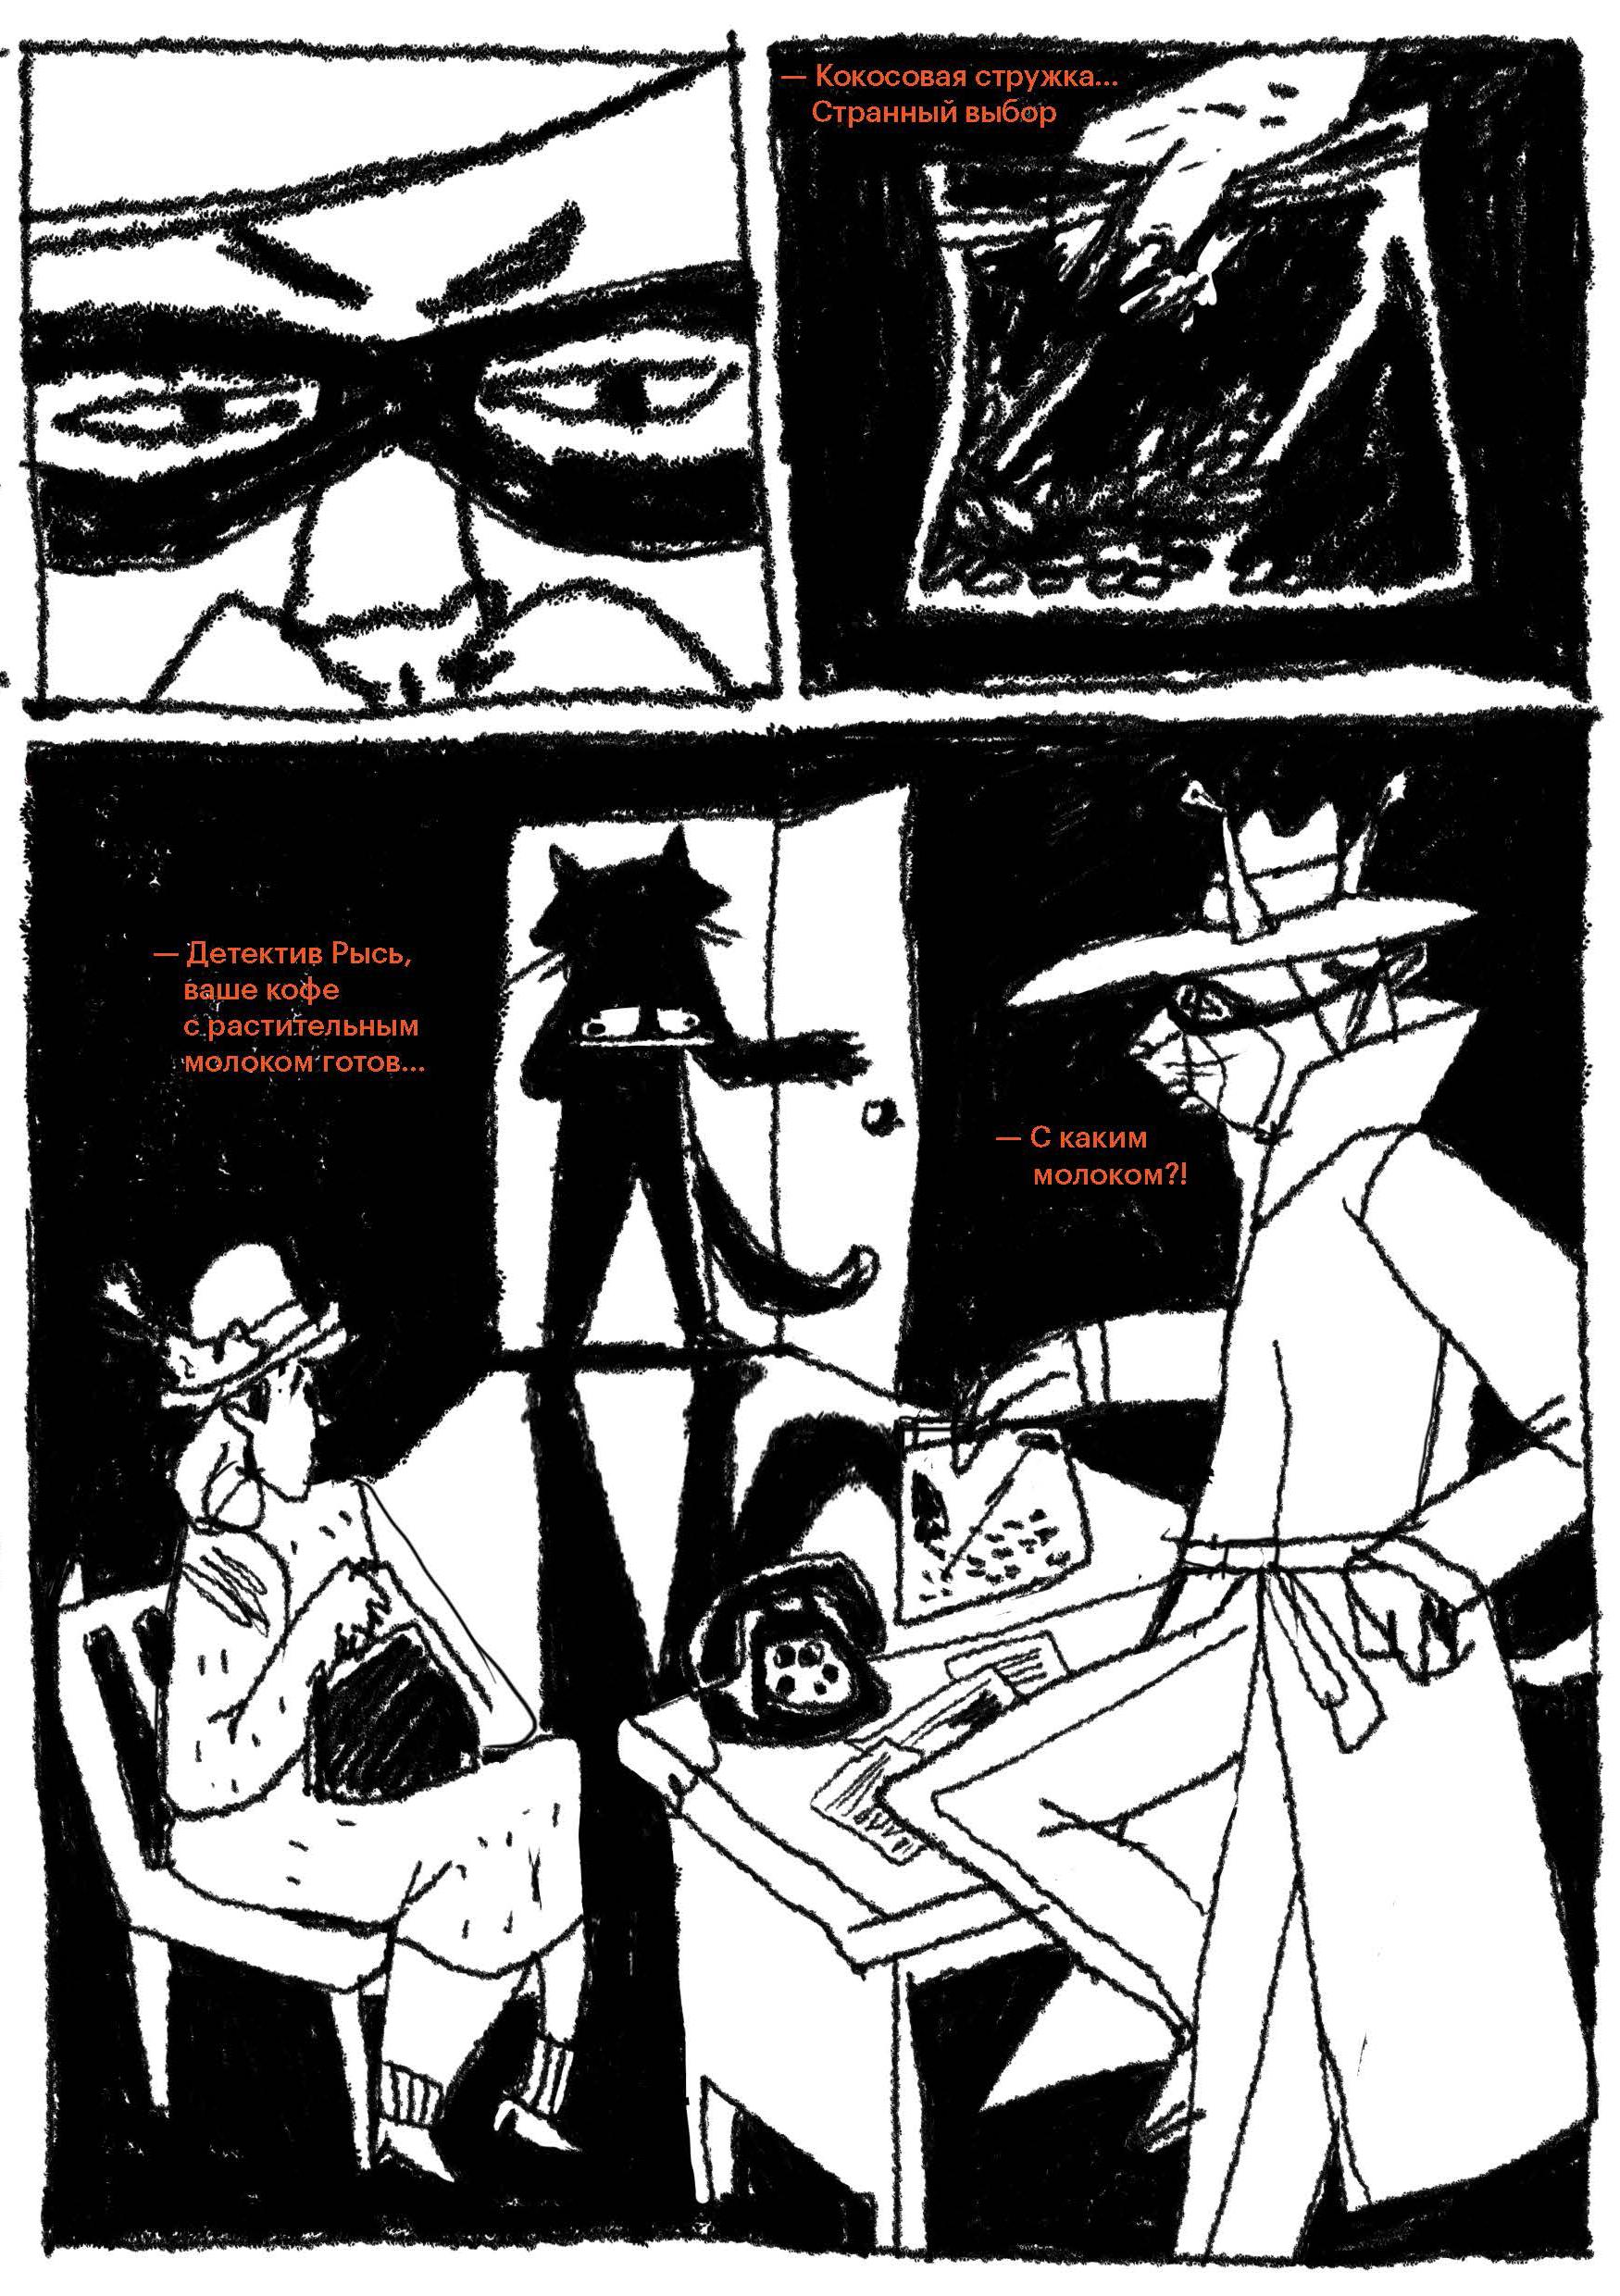 детектив рысь страница_3